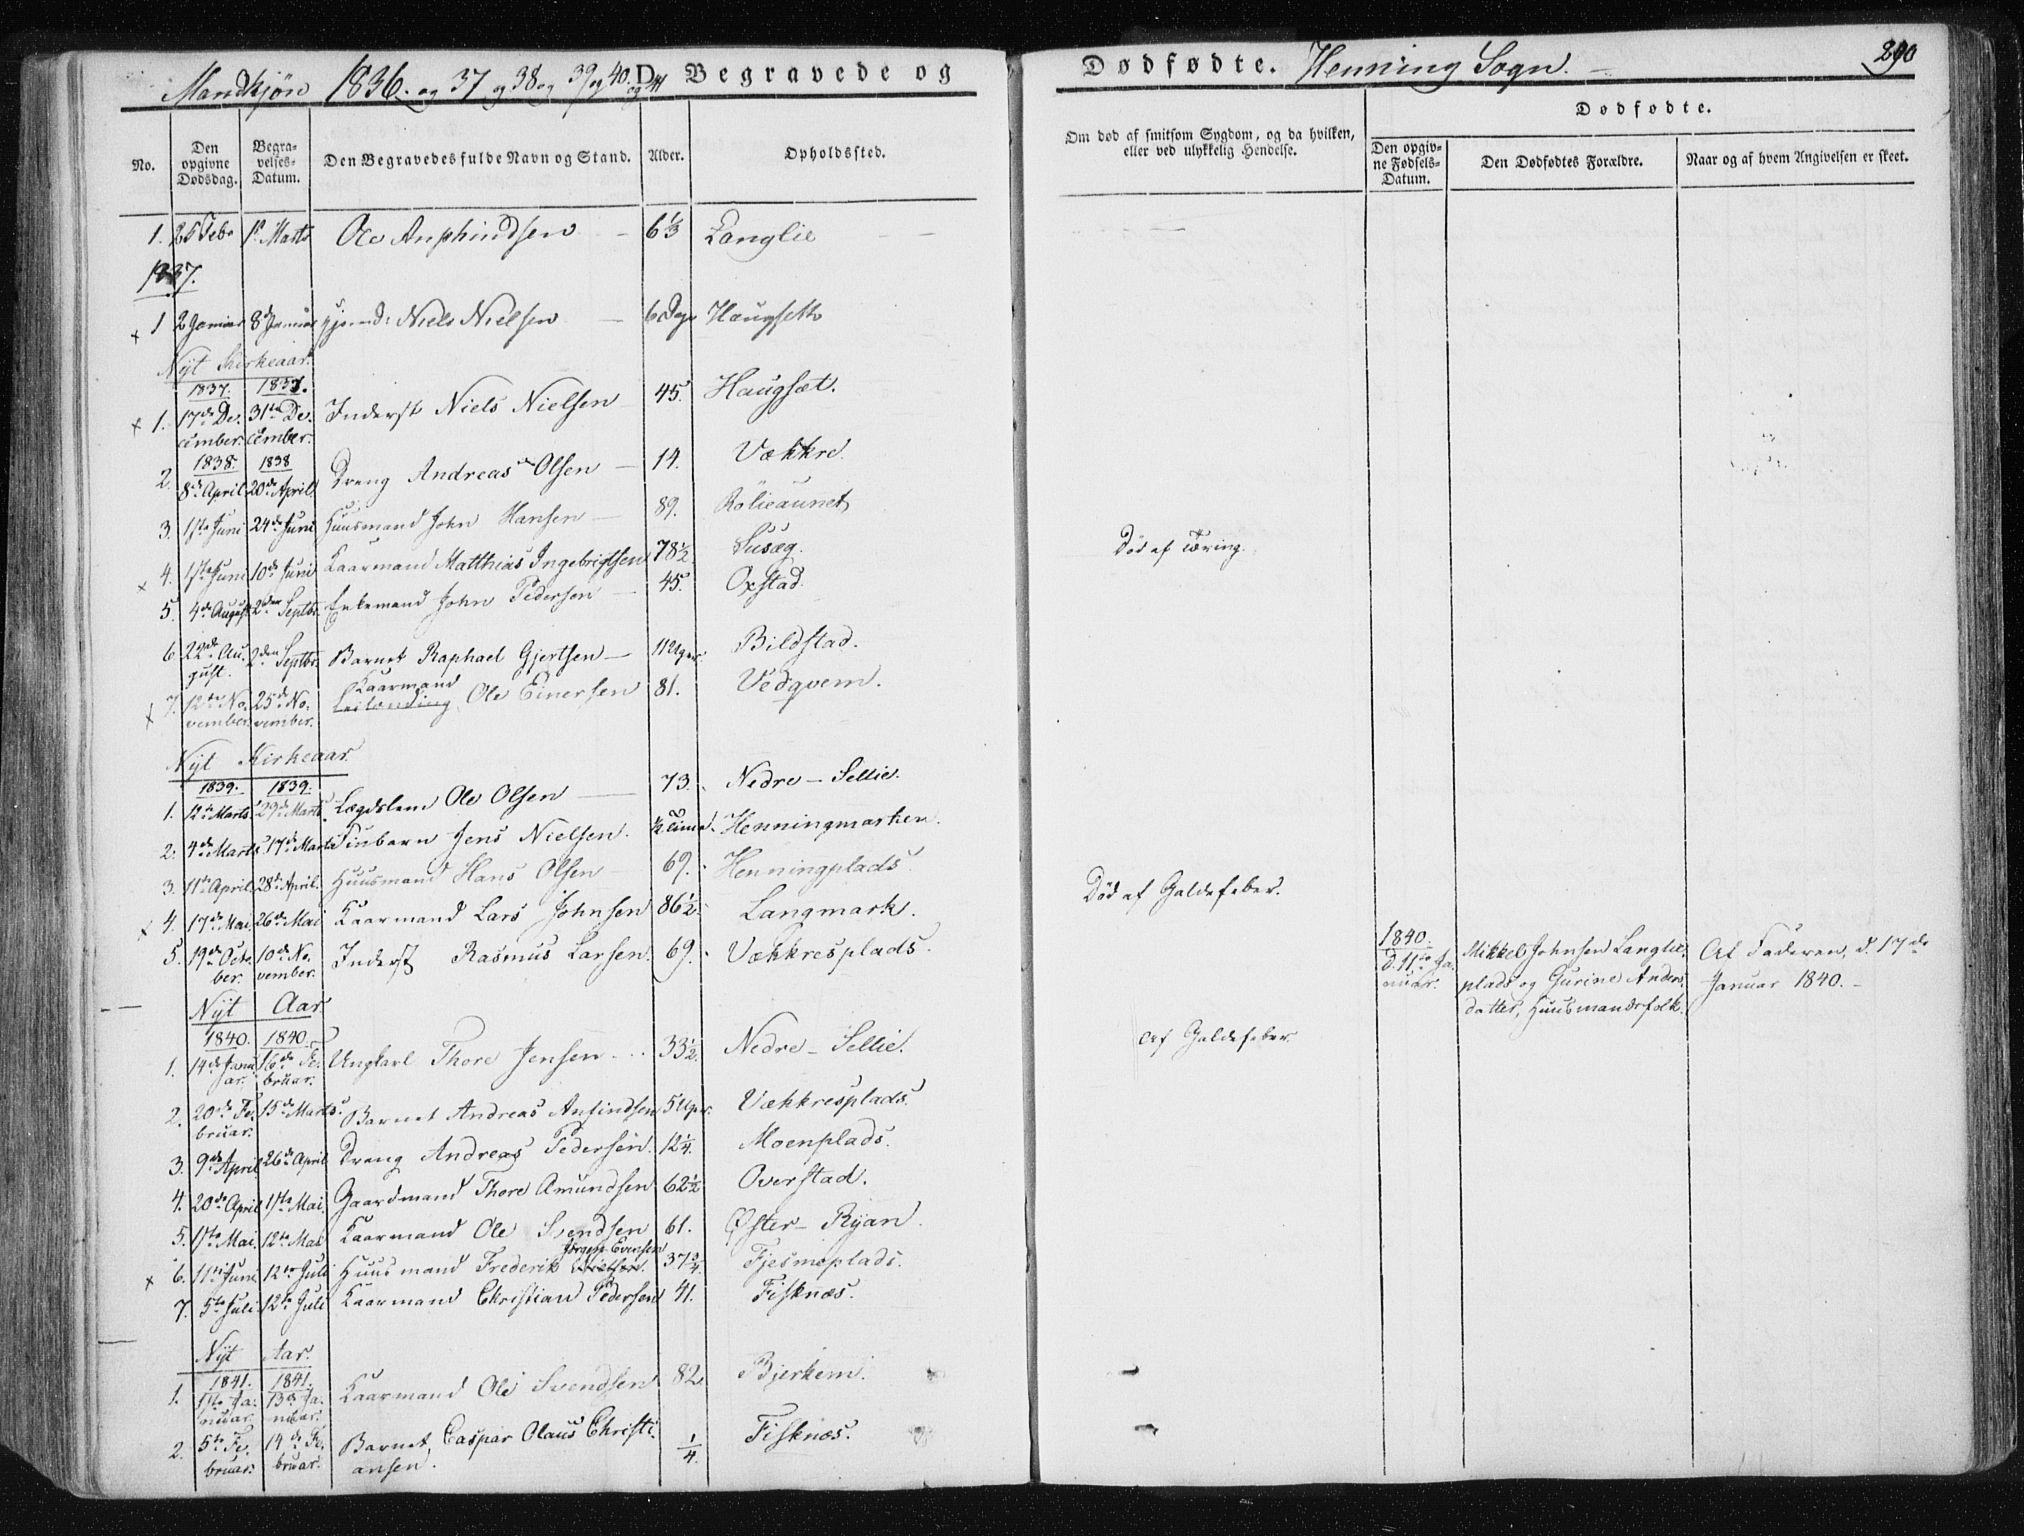 SAT, Ministerialprotokoller, klokkerbøker og fødselsregistre - Nord-Trøndelag, 735/L0339: Ministerialbok nr. 735A06 /3, 1836-1848, s. 290